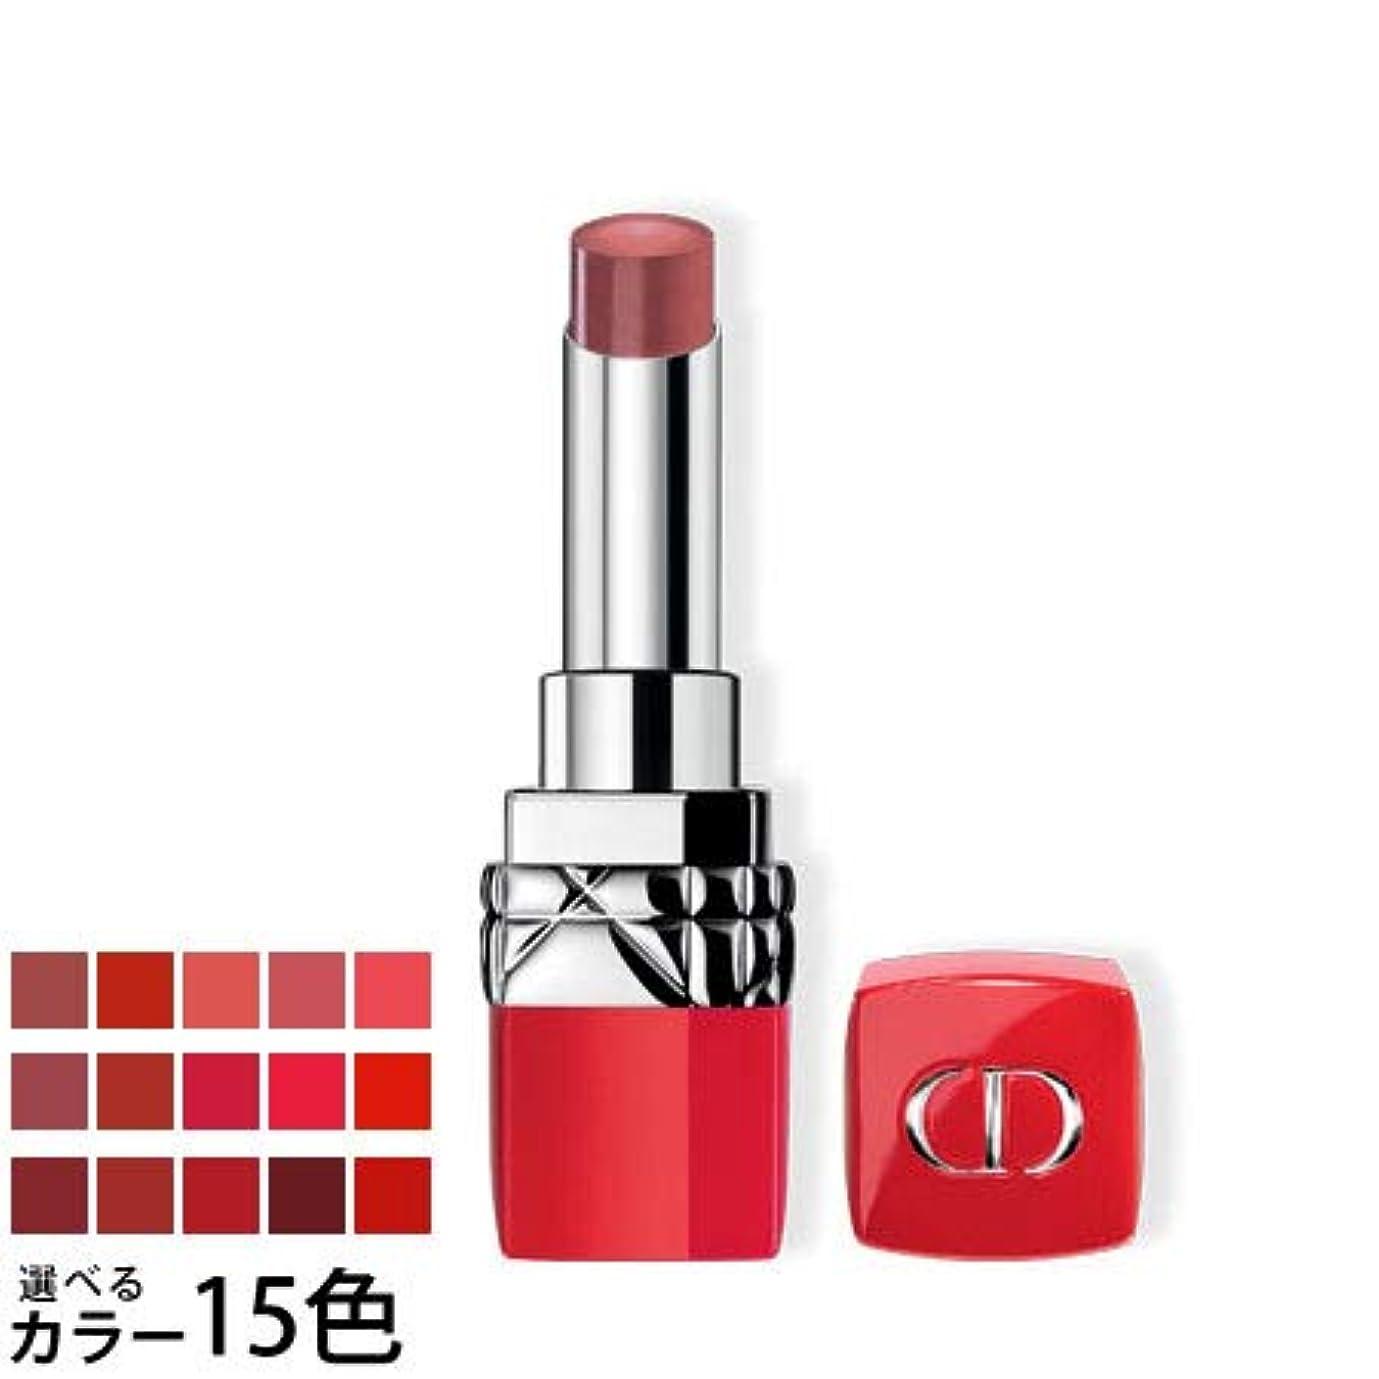 薬理学魅力的代理店ディオール ルージュ ディオール ウルトラ ルージュ 選べる15色 -Dior- 555